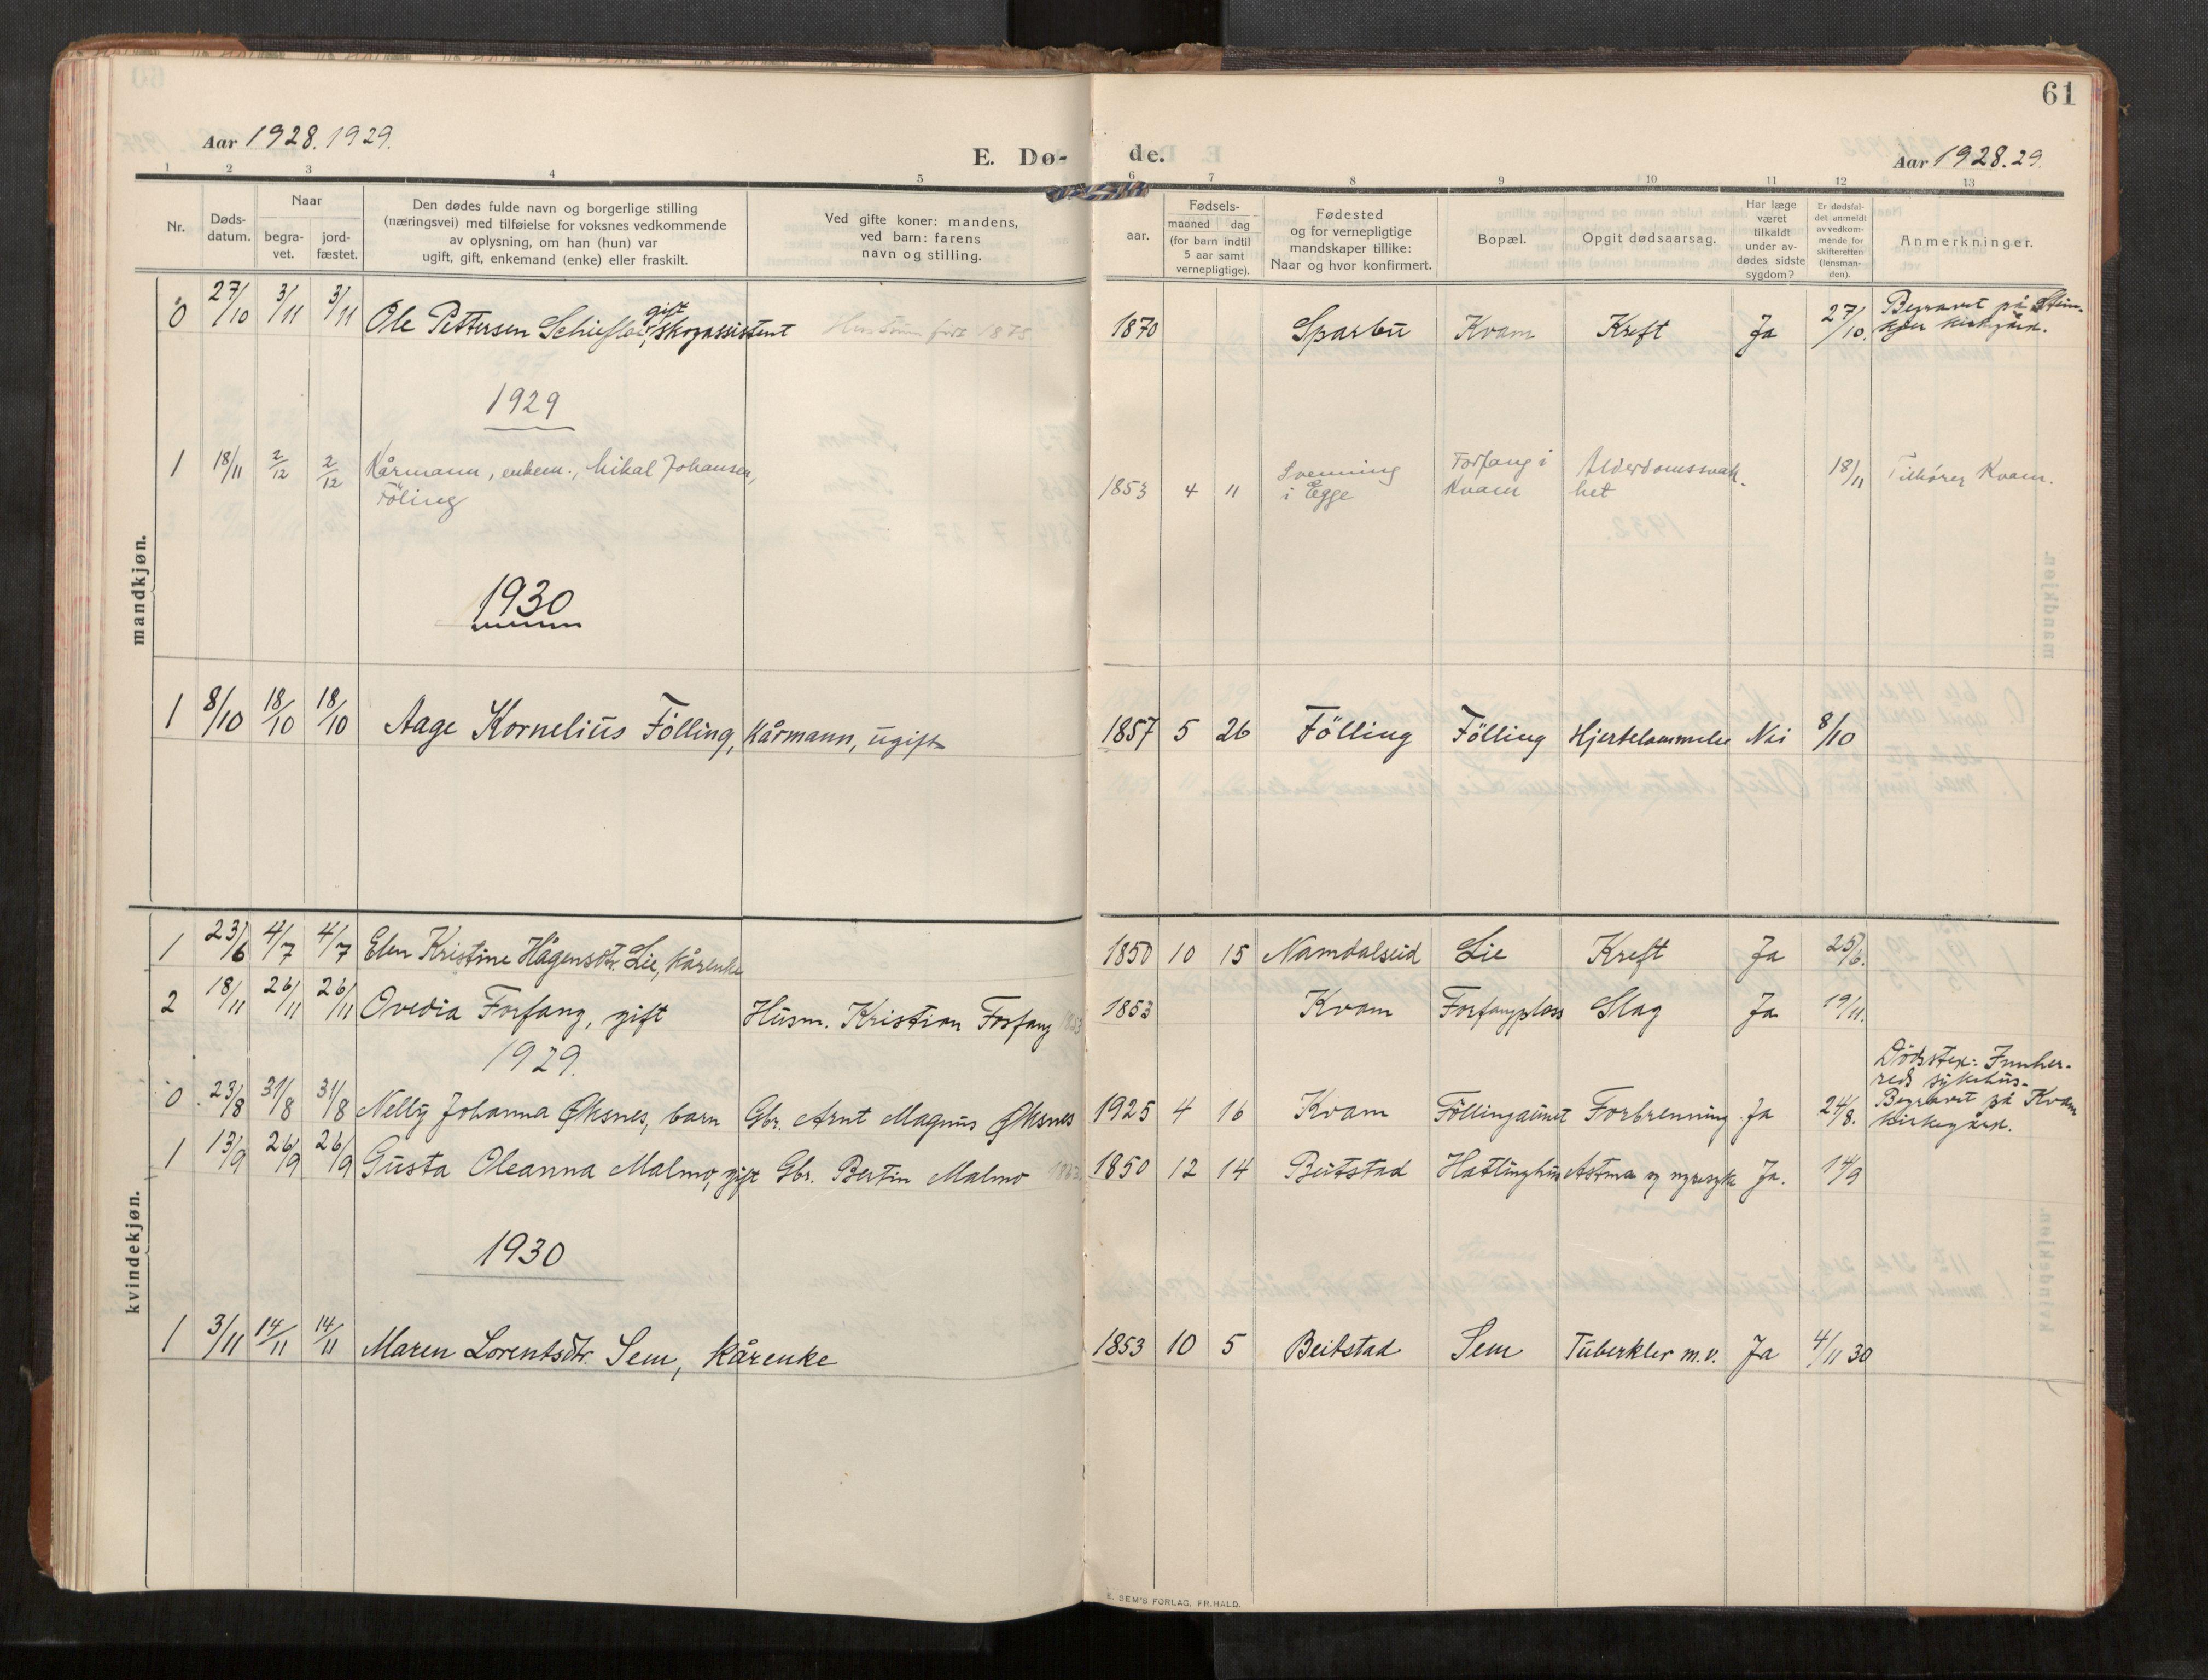 SAT, Stod sokneprestkontor, I/I1/I1a/L0003: Parish register (official) no. 3, 1909-1934, p. 61